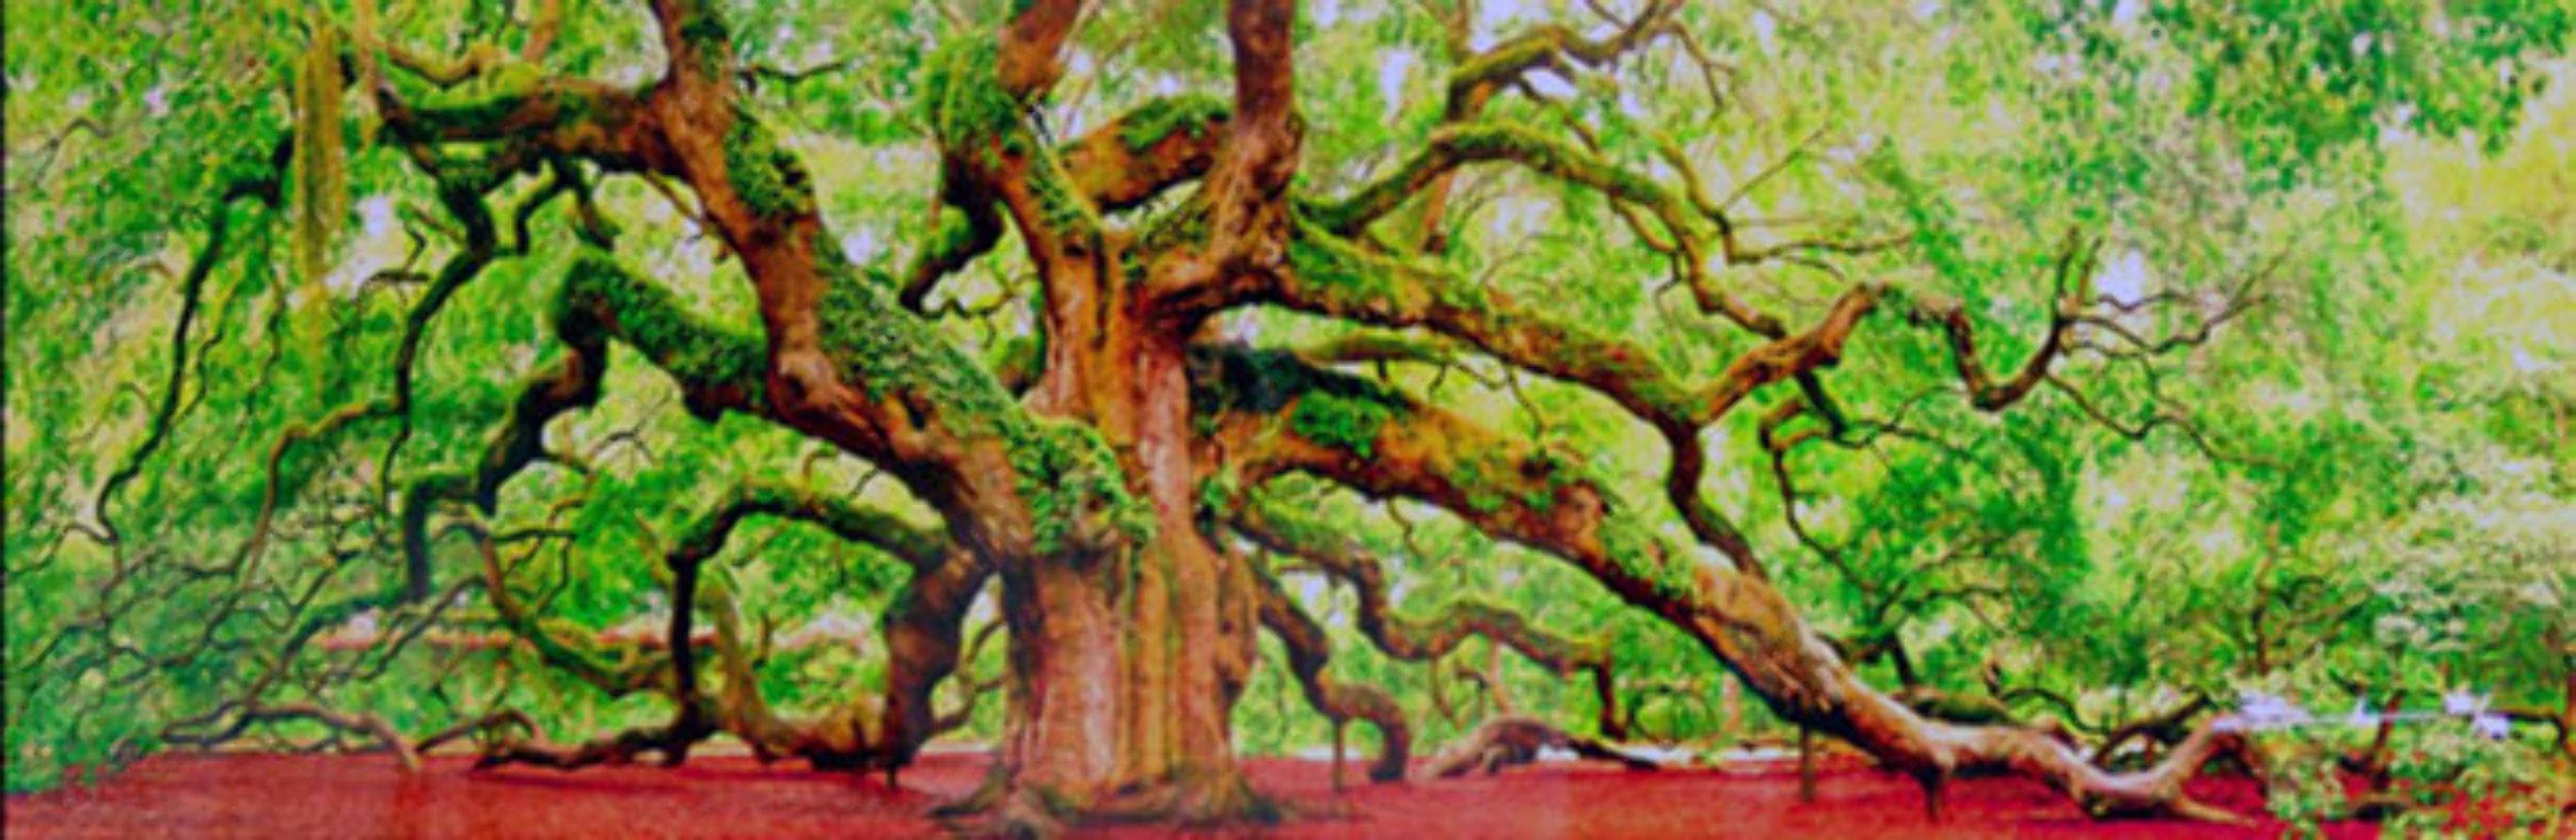 Tree of Hope 1.5M Huge Panorama by Peter Lik